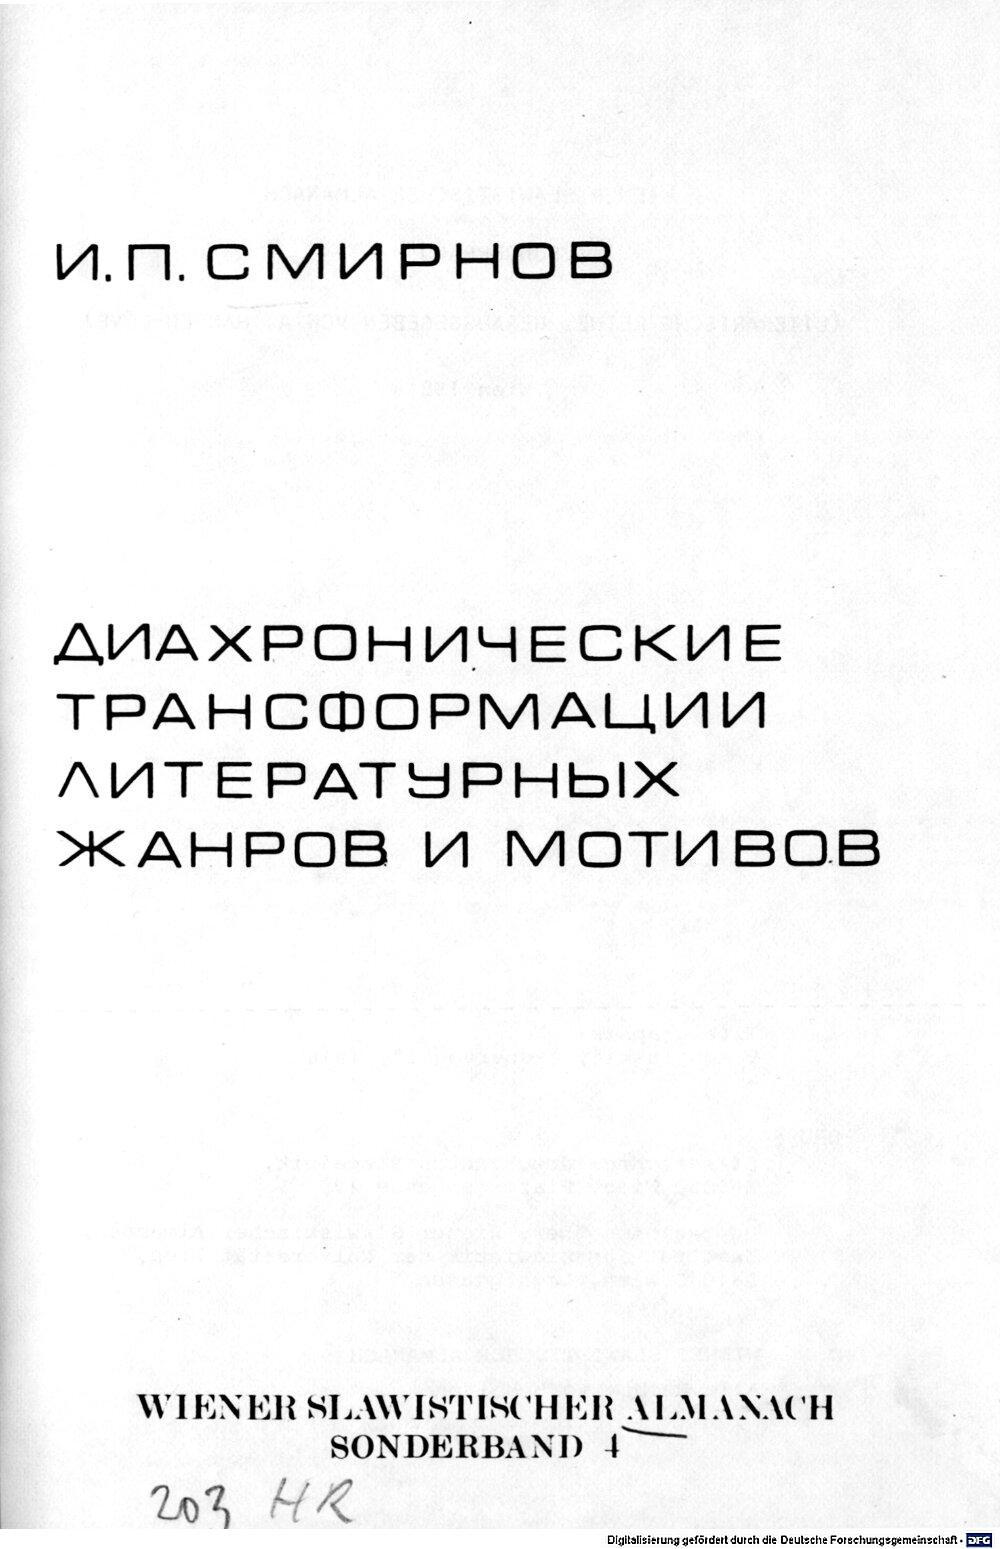 bsb00064772_00001.jpg